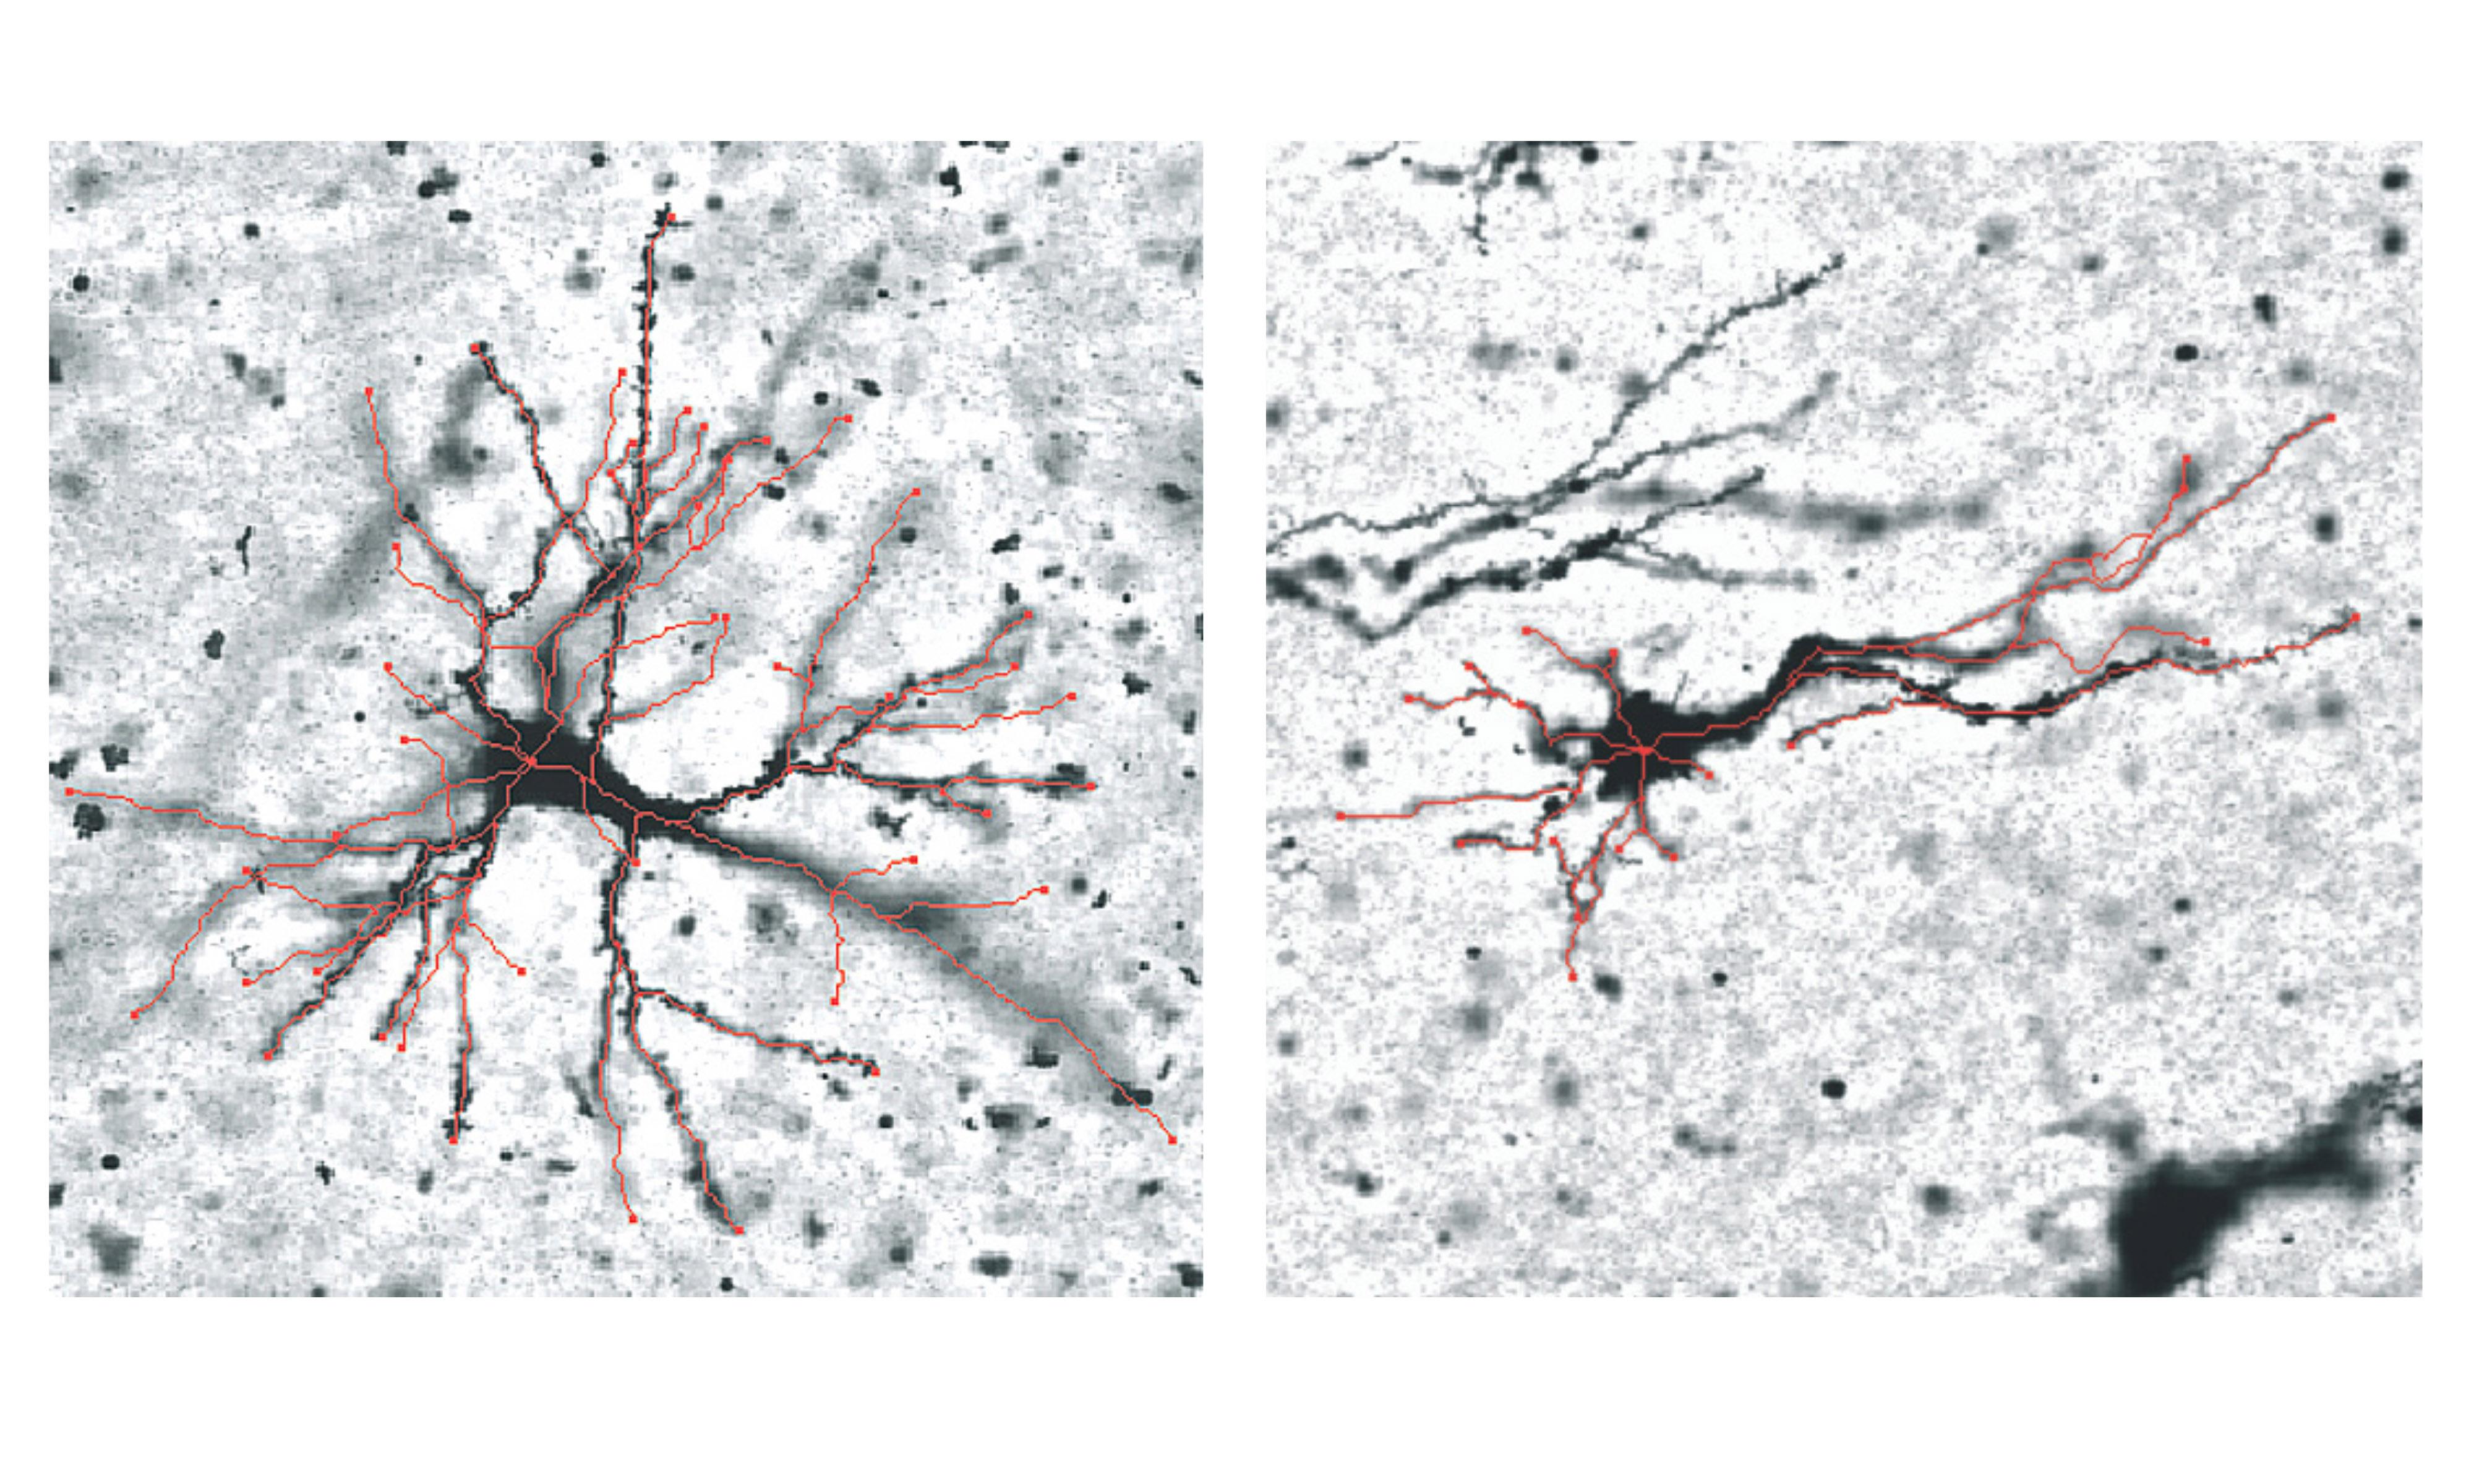 Chất xám ở nếp gấp hướng ra ngoài (trái) và nếp gấp hướng trong (phải), với những điểm khác biệt được tô màu đỏ. Nghiên cứu phát hiện ra rằng các biến thể về hình dạng nơ-ron ở những vùng này trong quá trình gấp nếp có tương quan với những khác biệt về gen. | Ảnh: RMIT